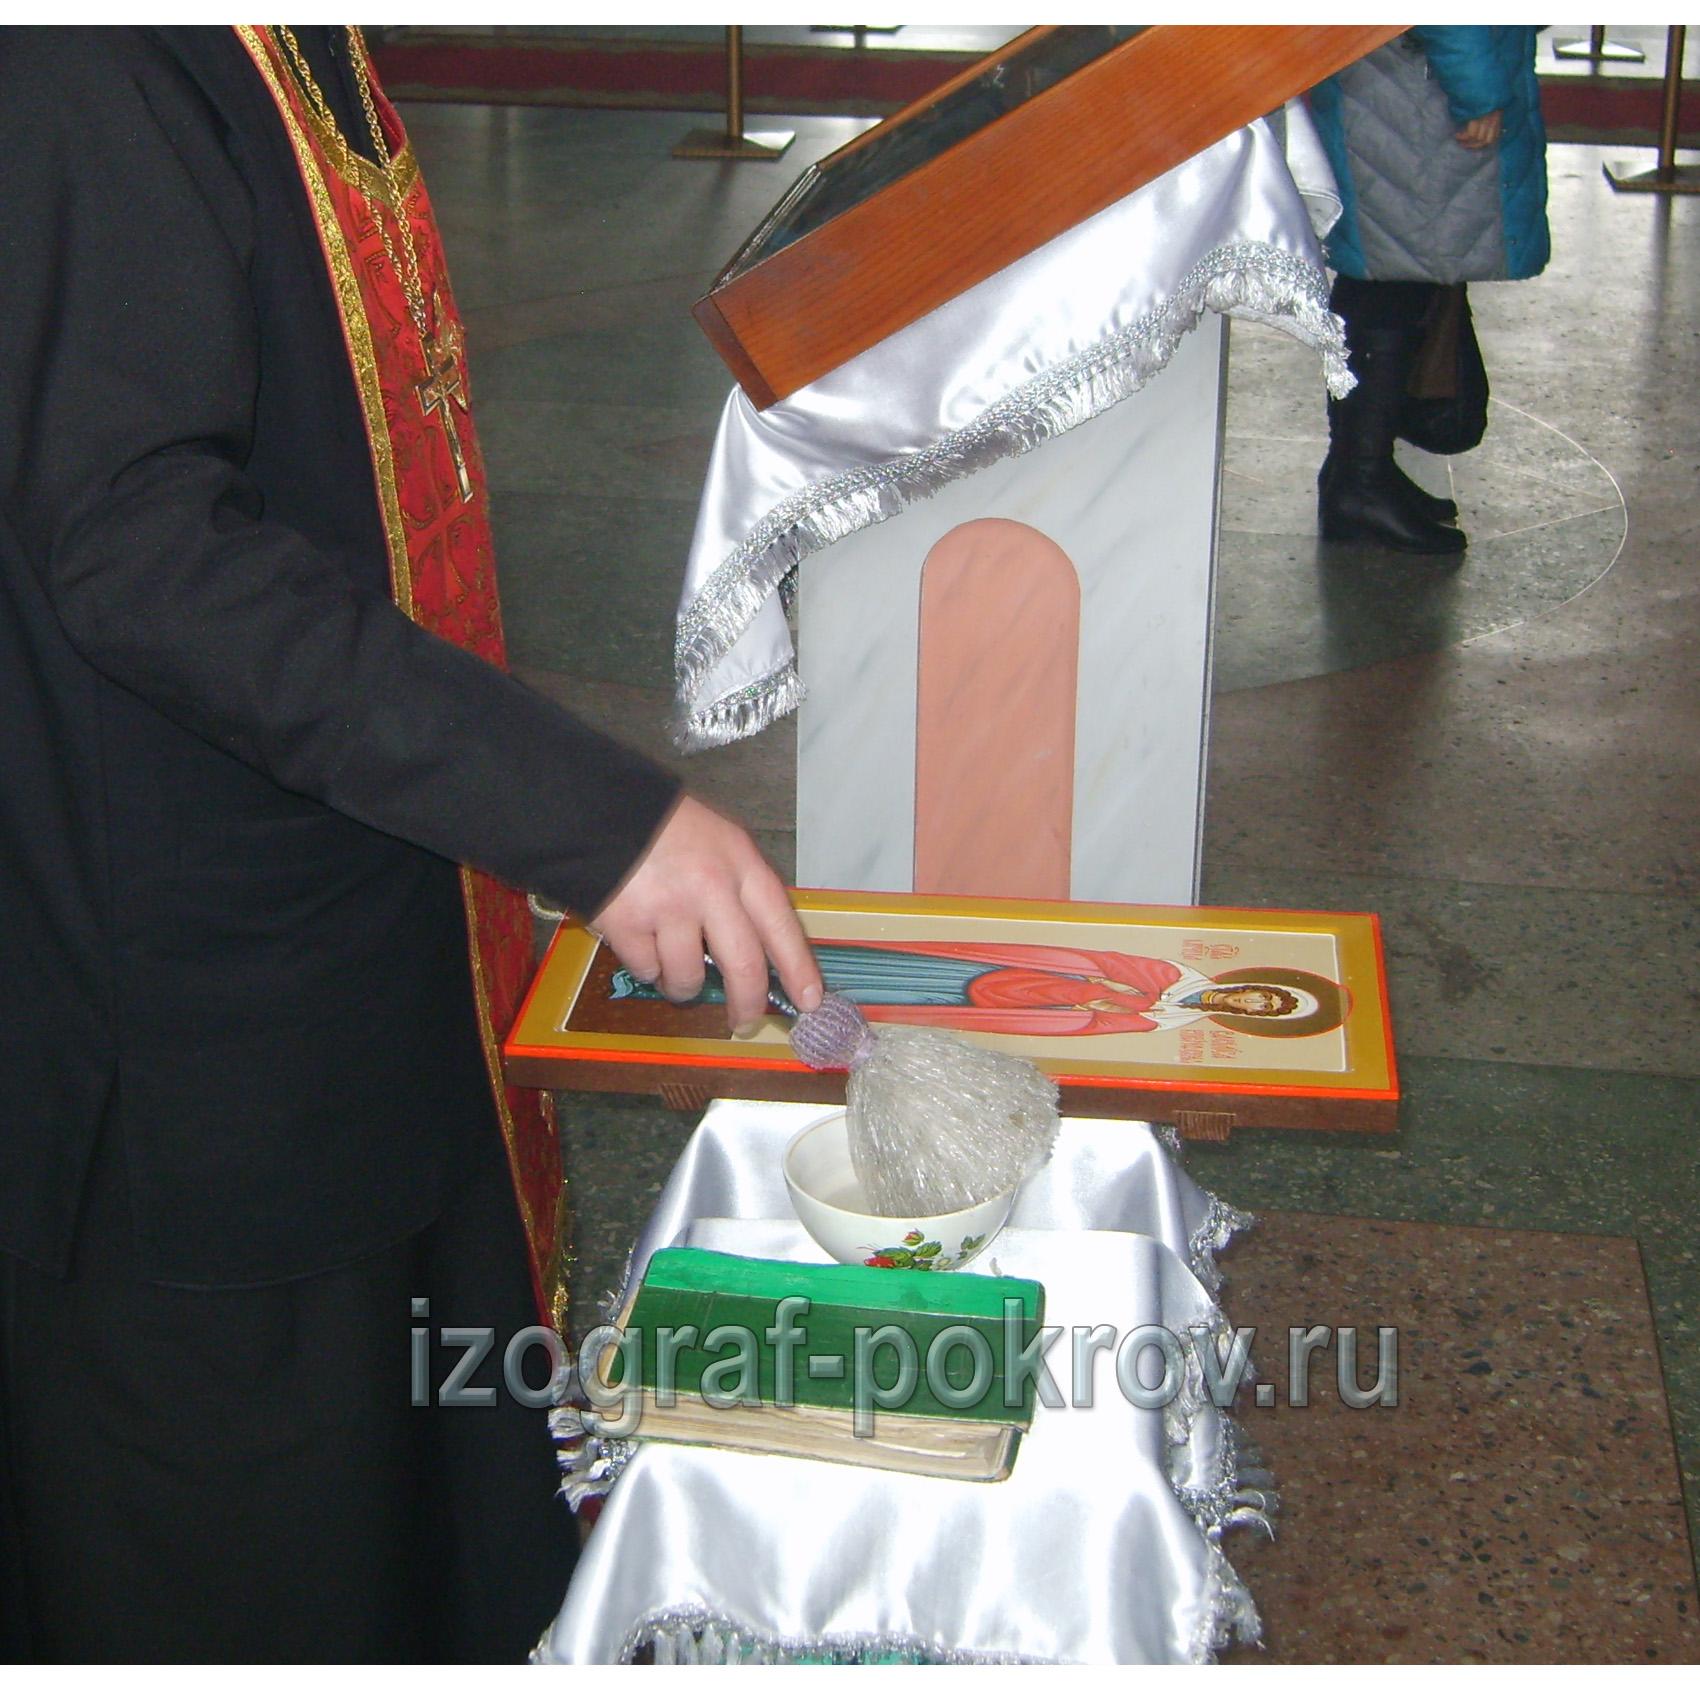 По окончании работ икону св. Василисы Коринфской настоятель освящает в храме Покрова Покрова Пресвятой Богородицы